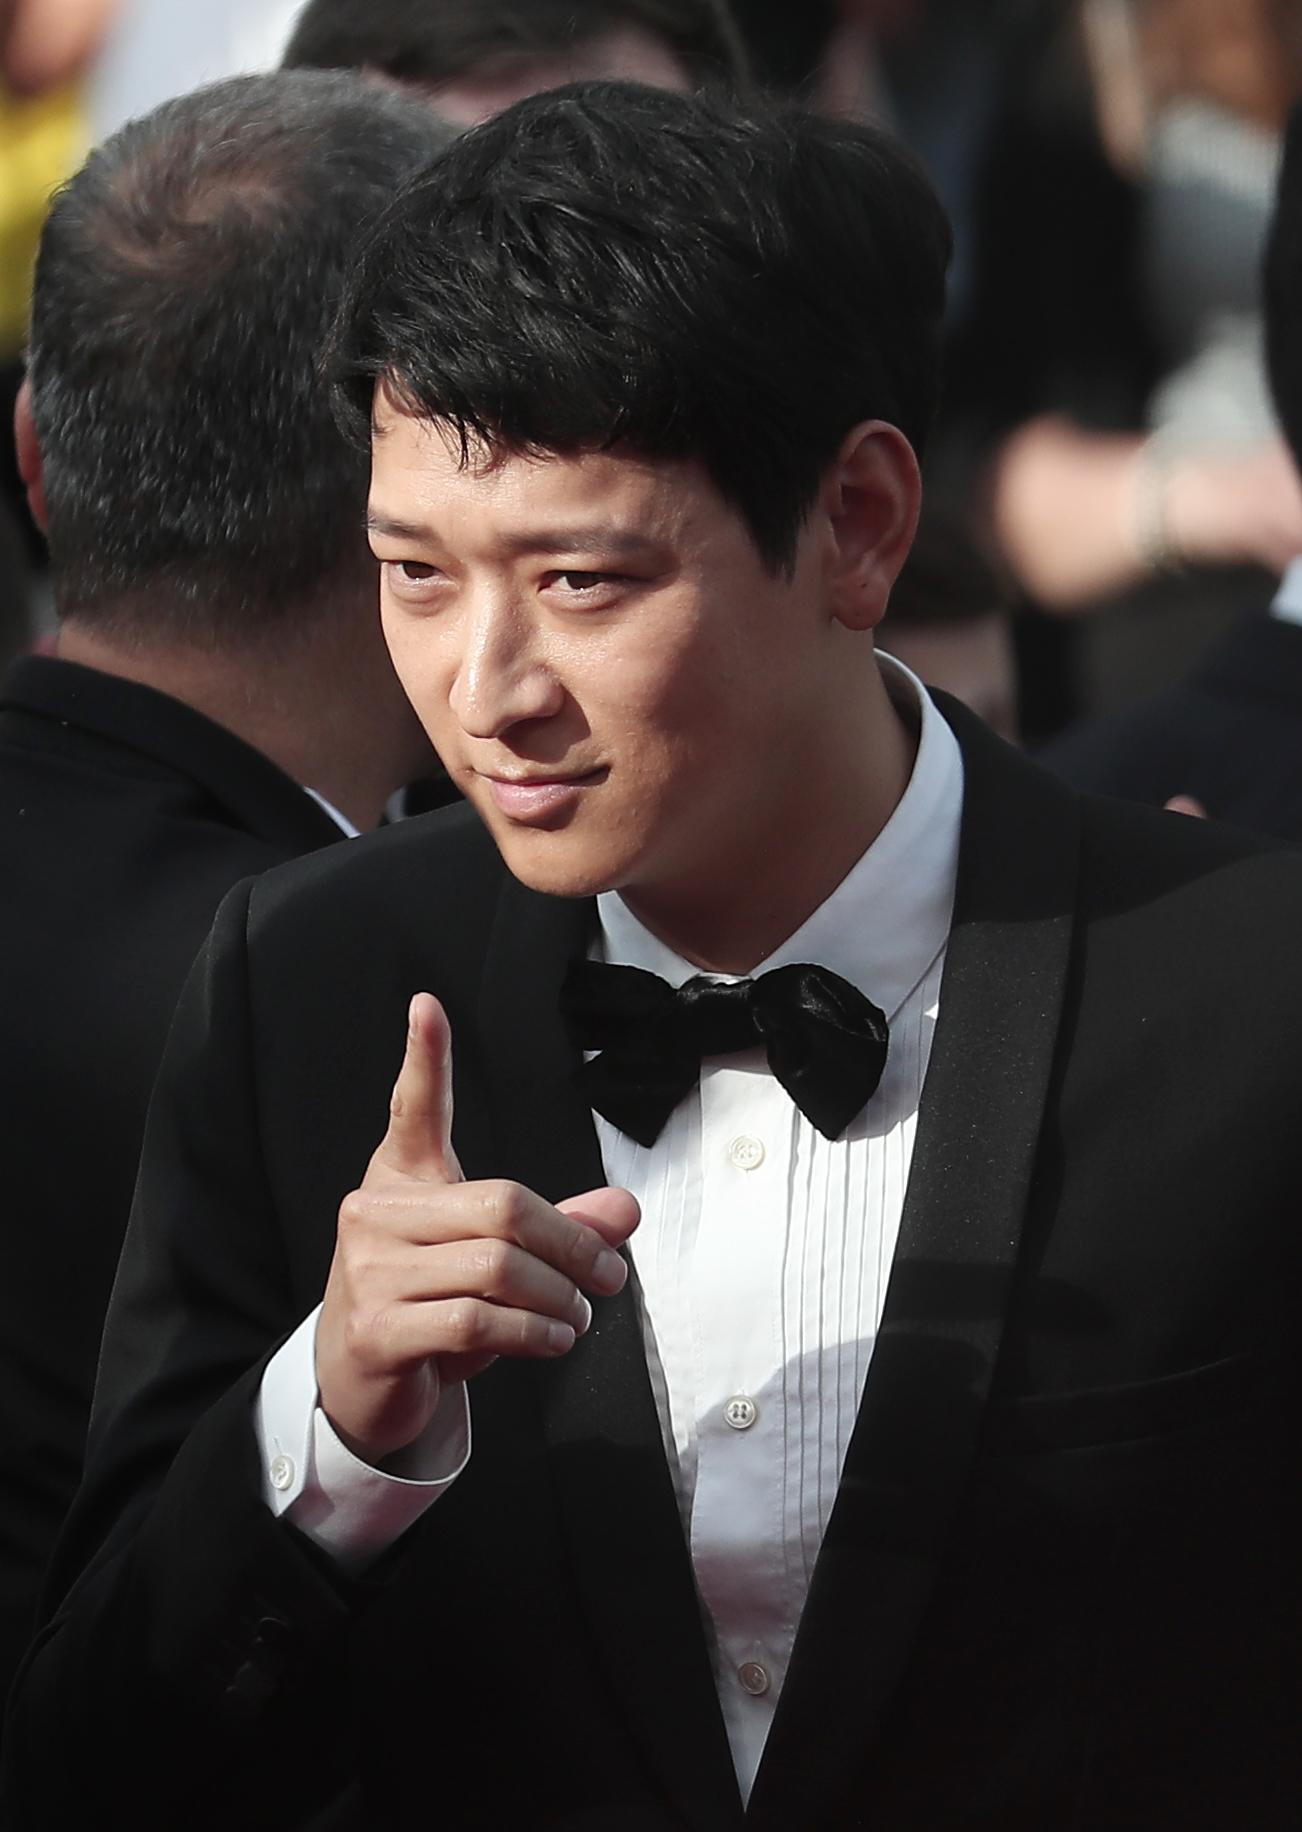 배우 강동원이 칸영화제 레드카펫에 참석해 카메라를 향해 포즈를 취하고 있다. [일간스포츠]